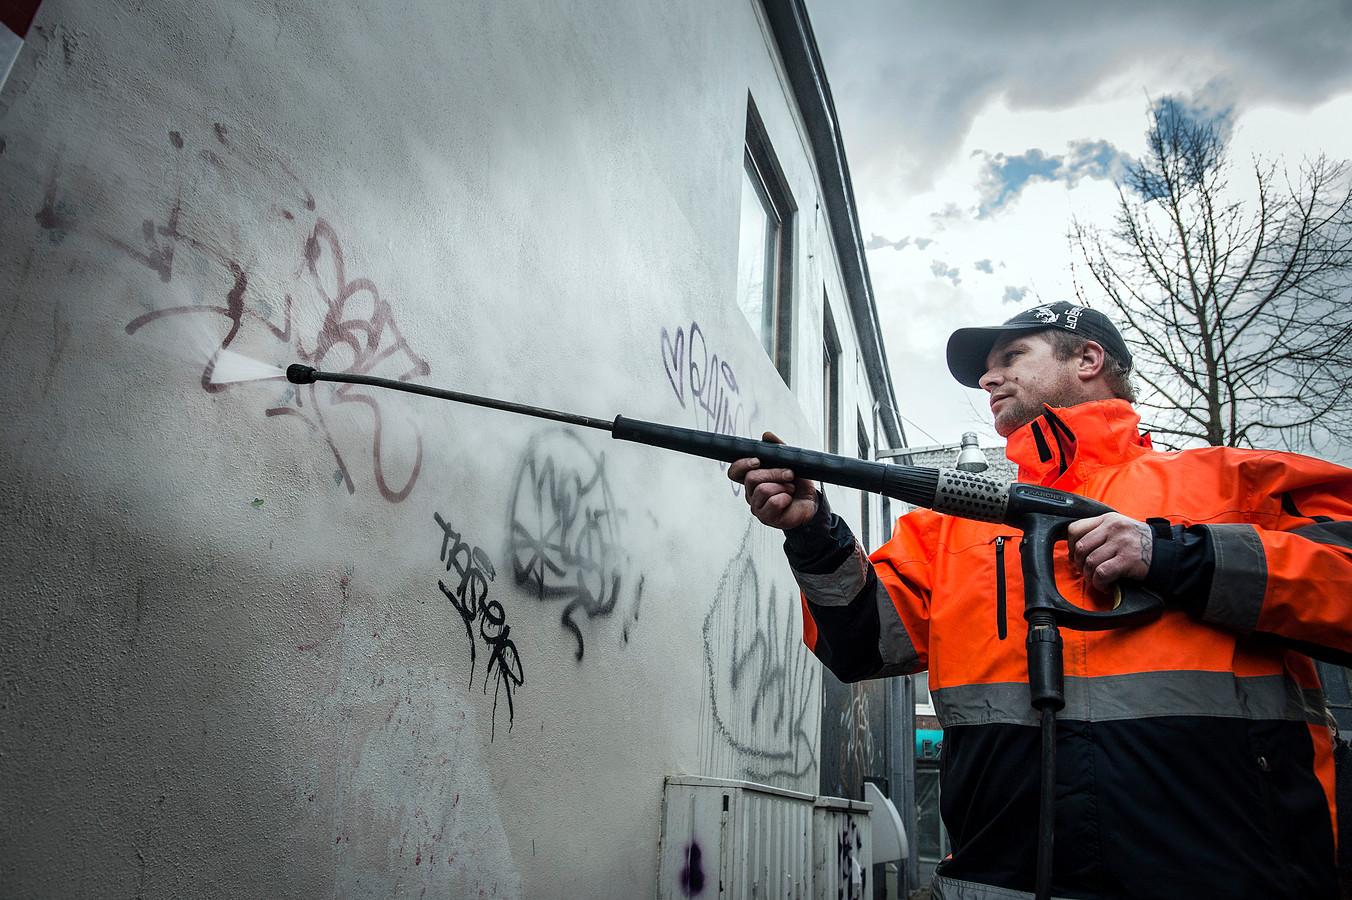 Een medewerker van de Atea-groep is bezig met het verwijderen van graffiti in de Stallingstraat.